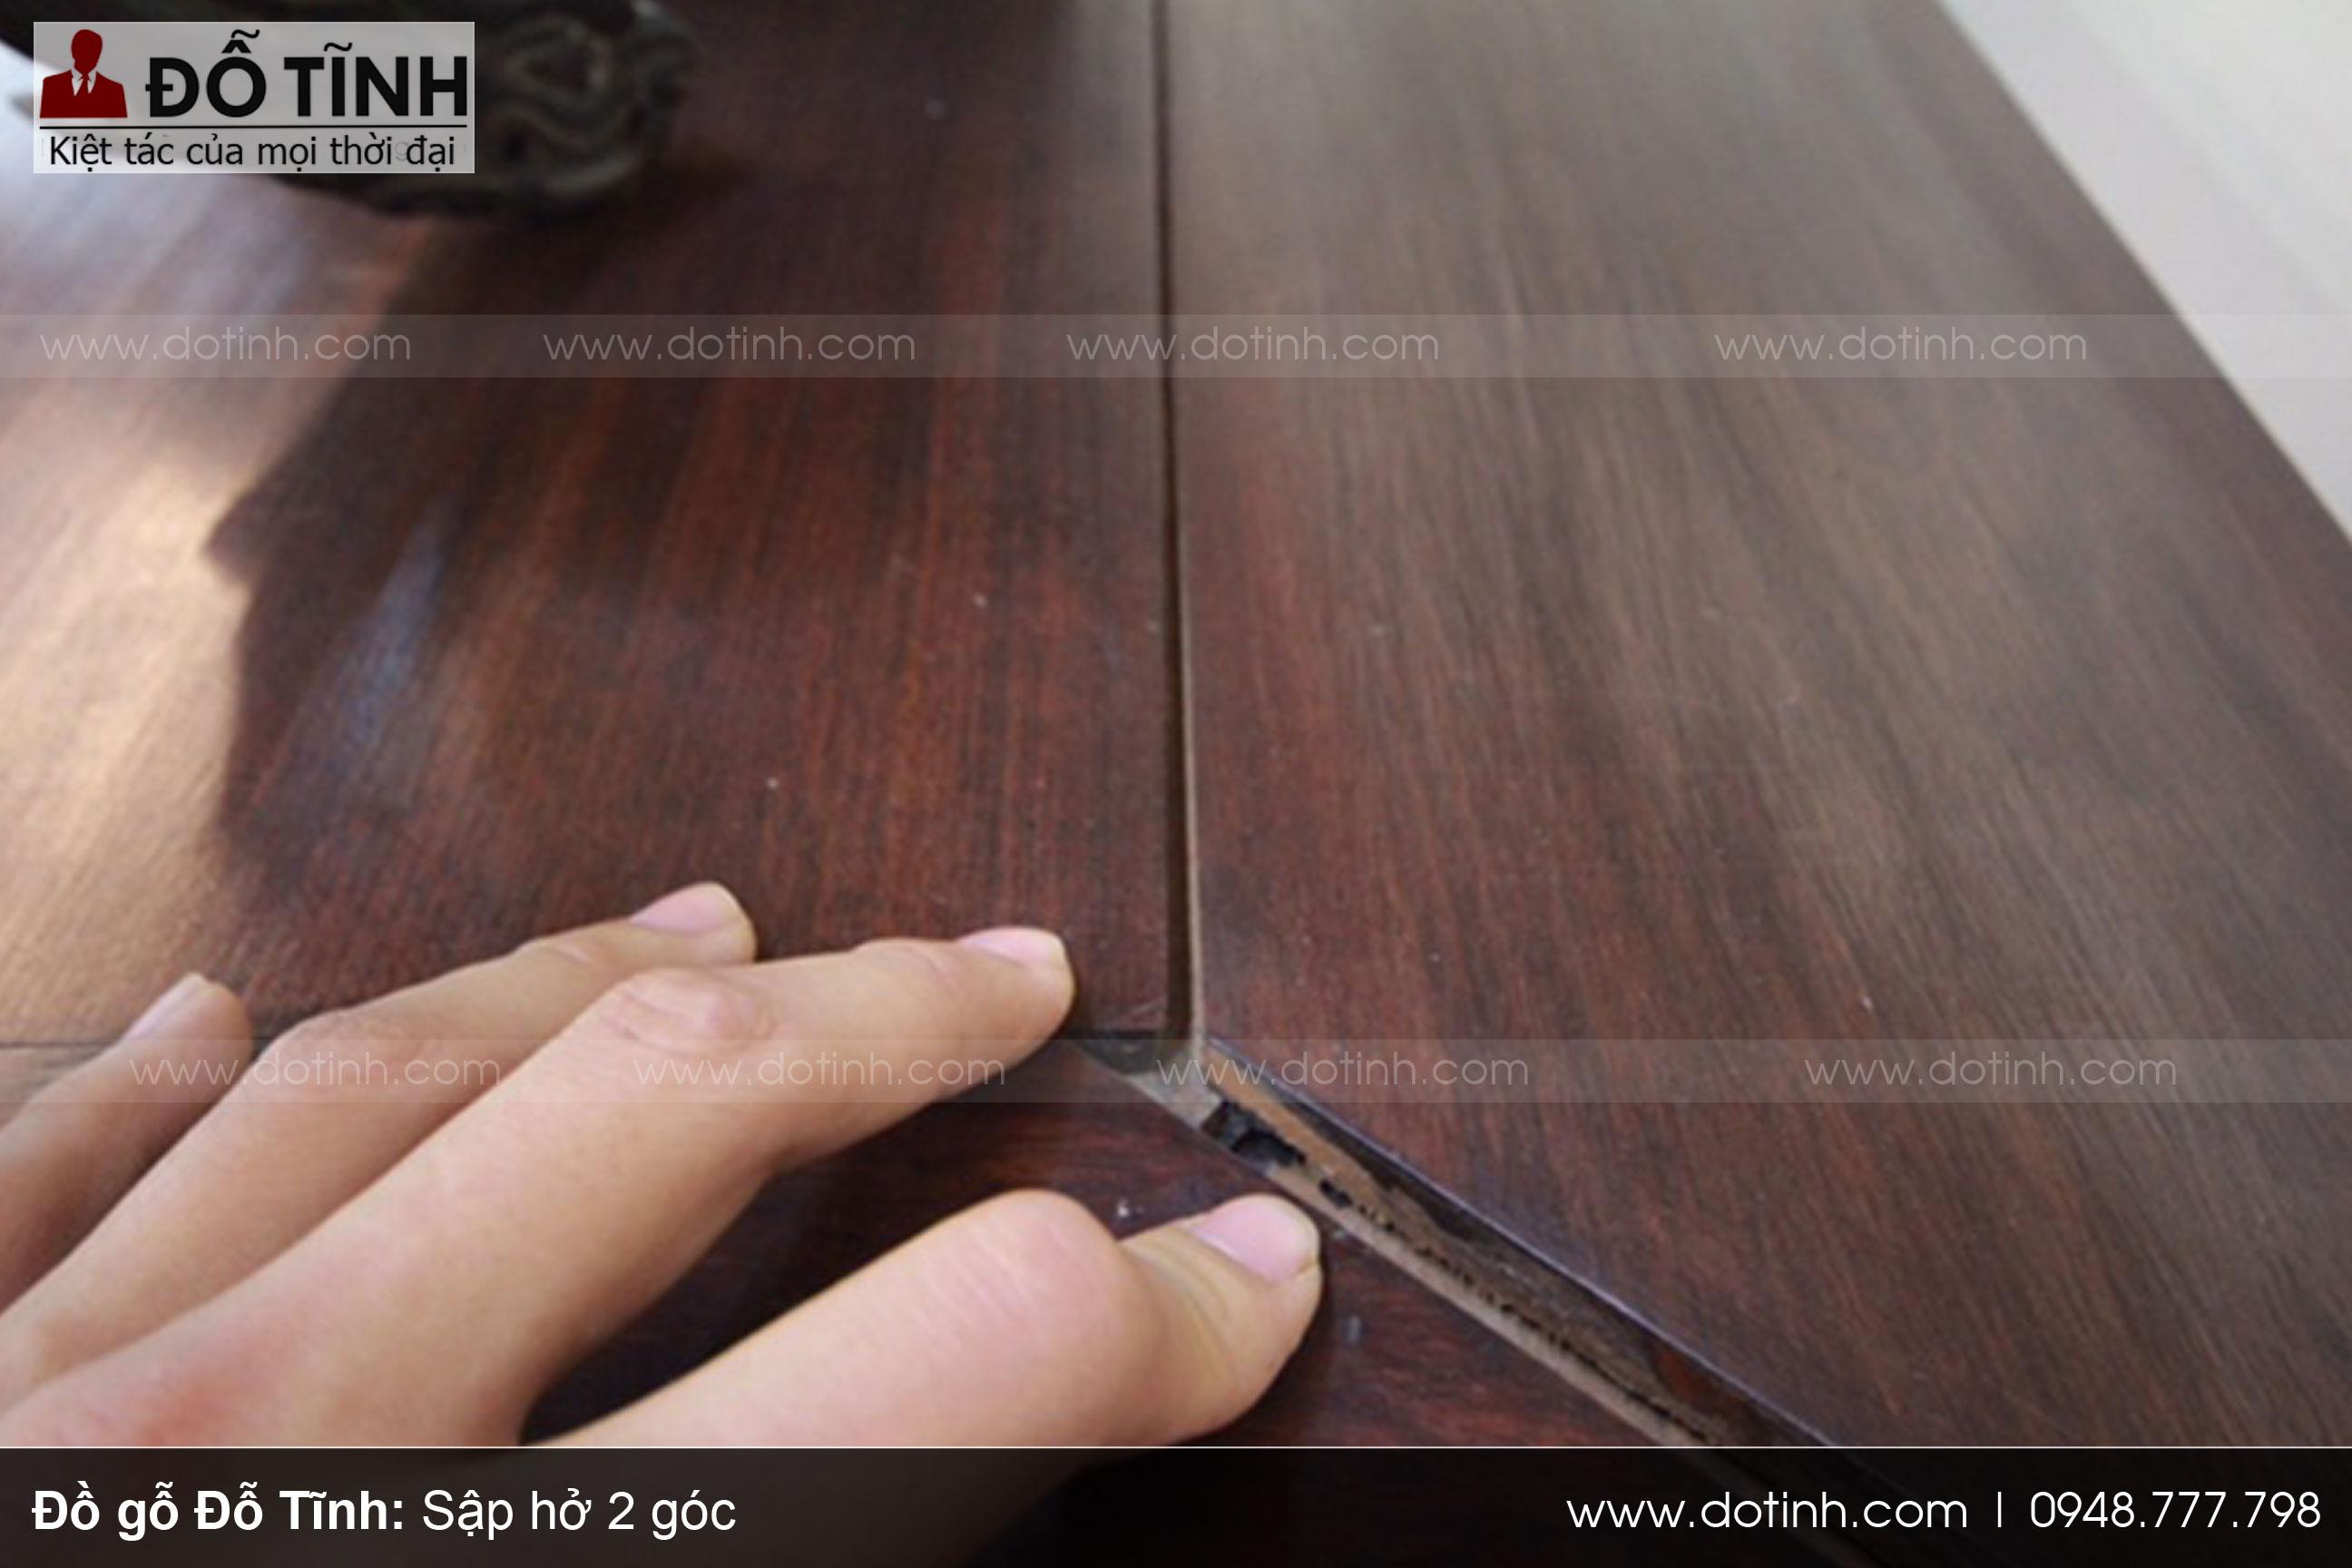 Kiểm tra kết cấu nội thất sập gỗ